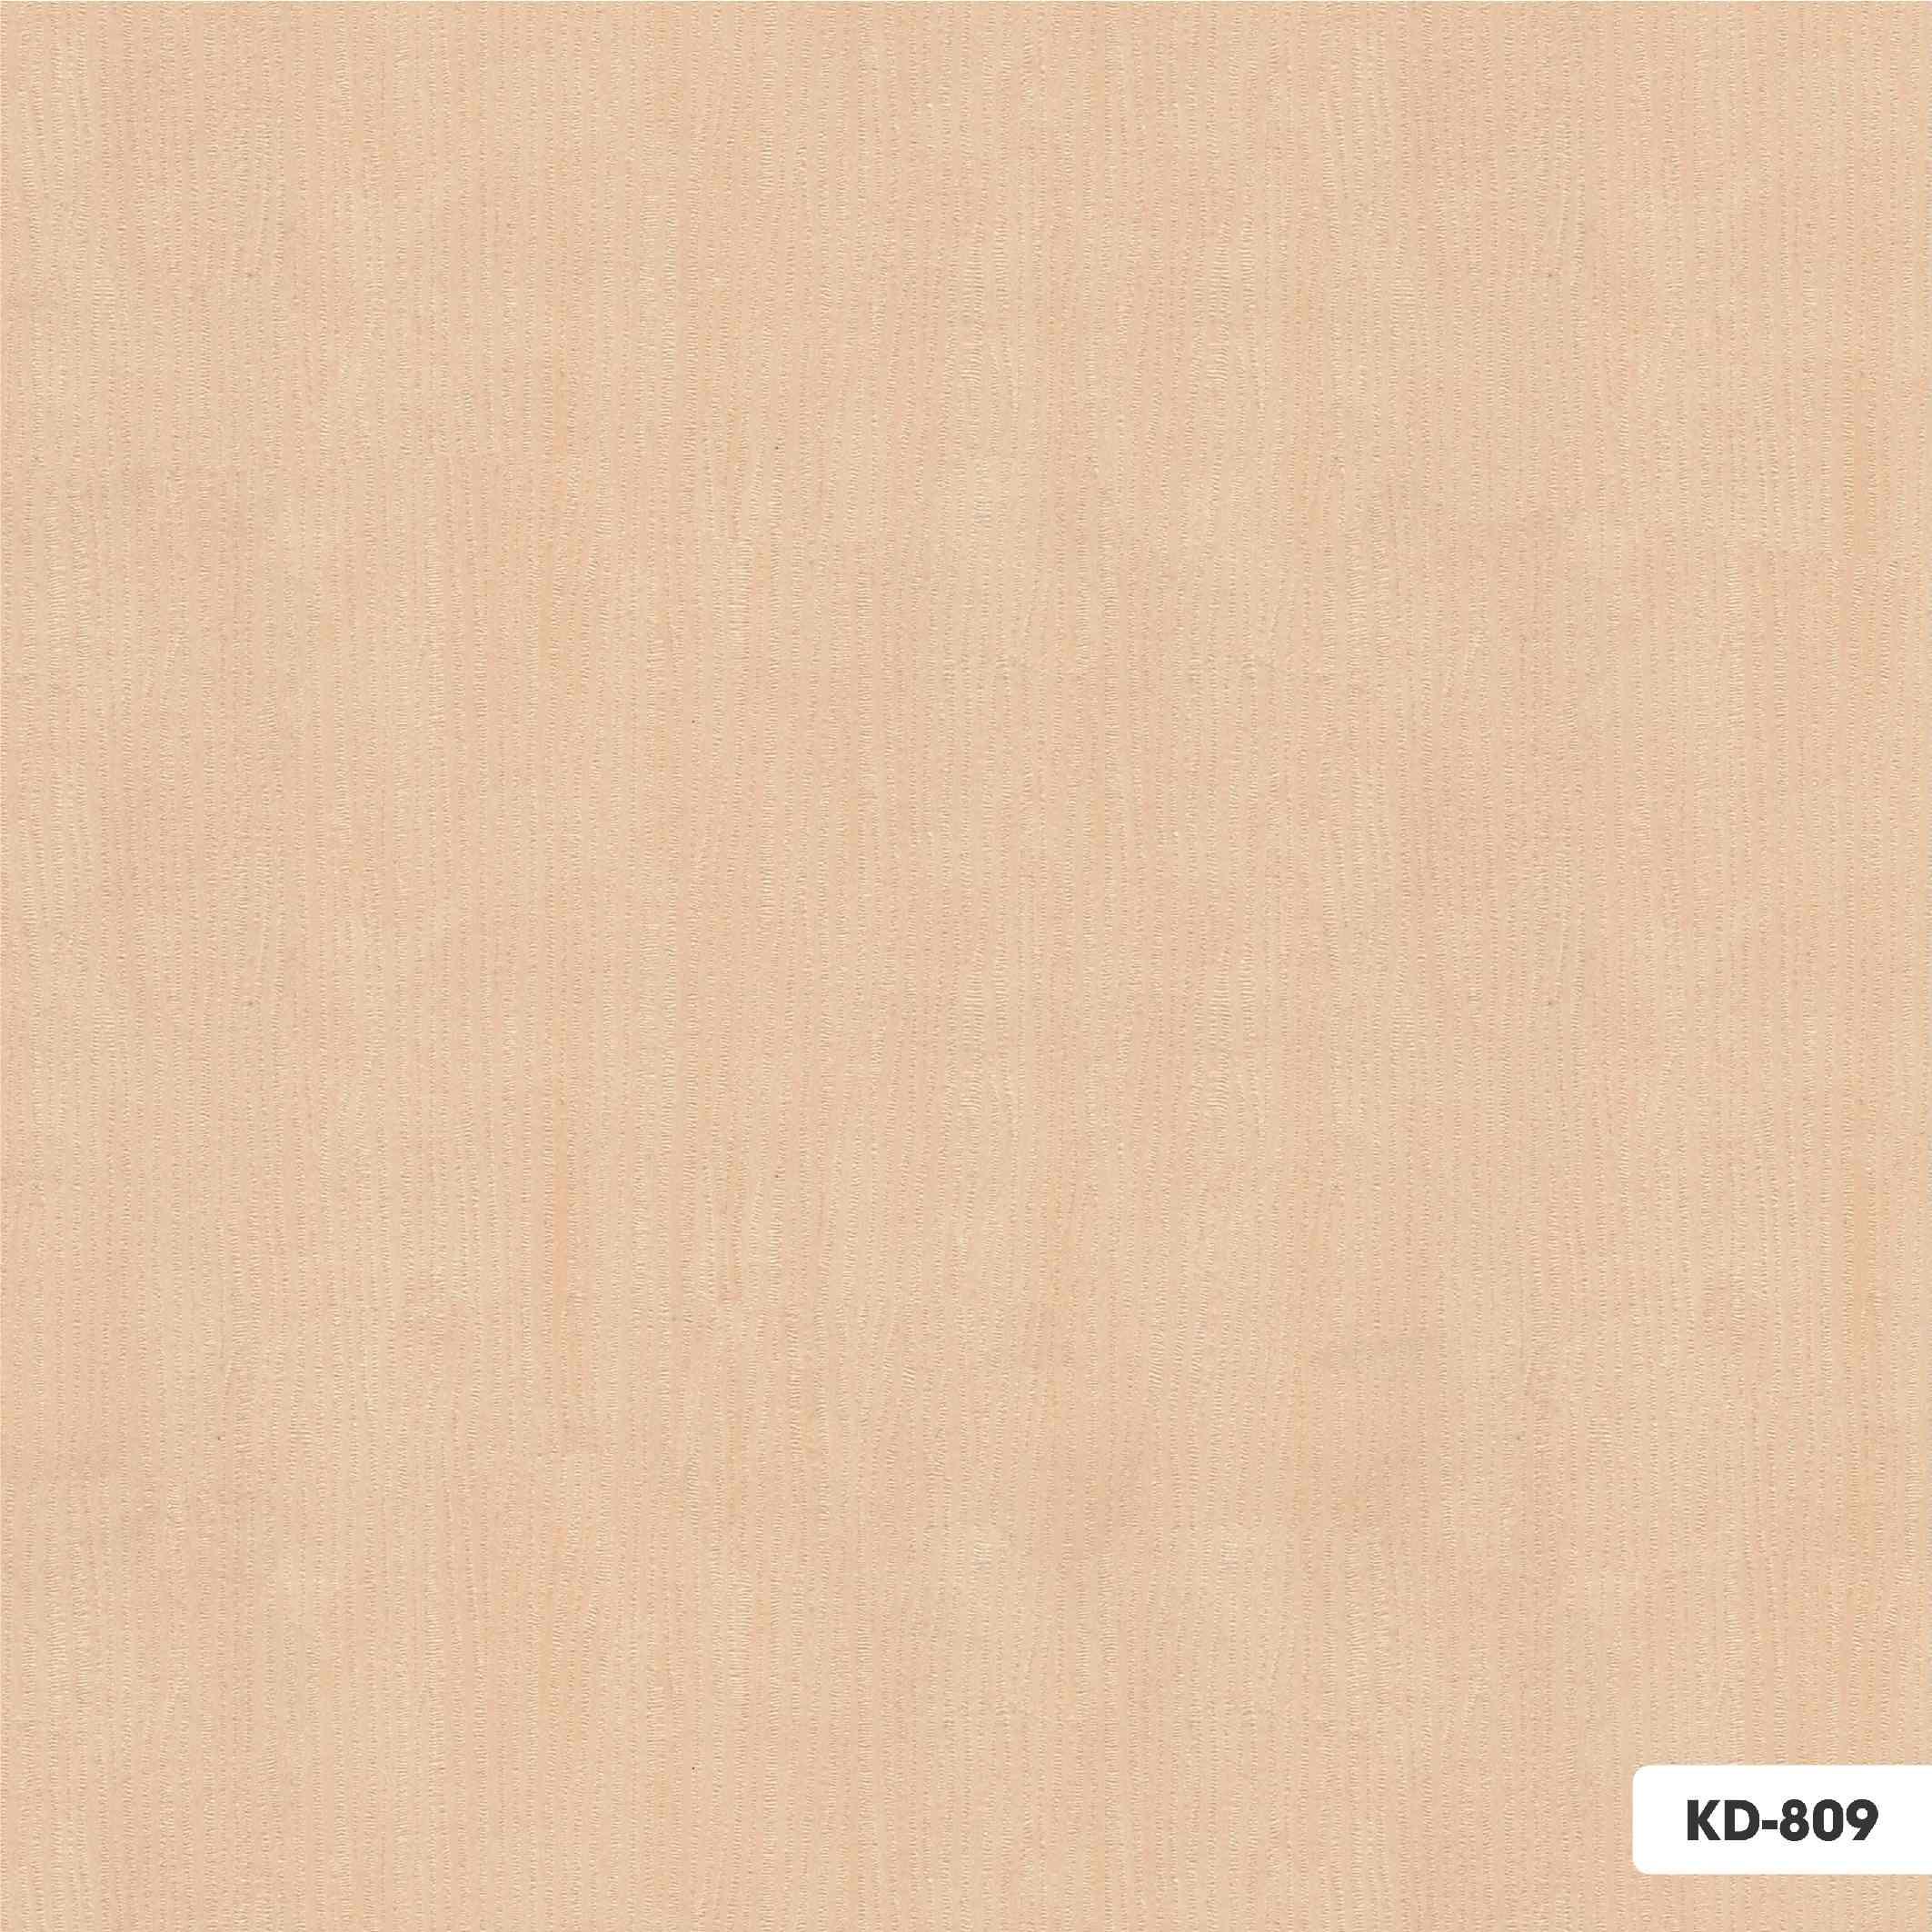 Giấy dán tường màu cam chất lượng